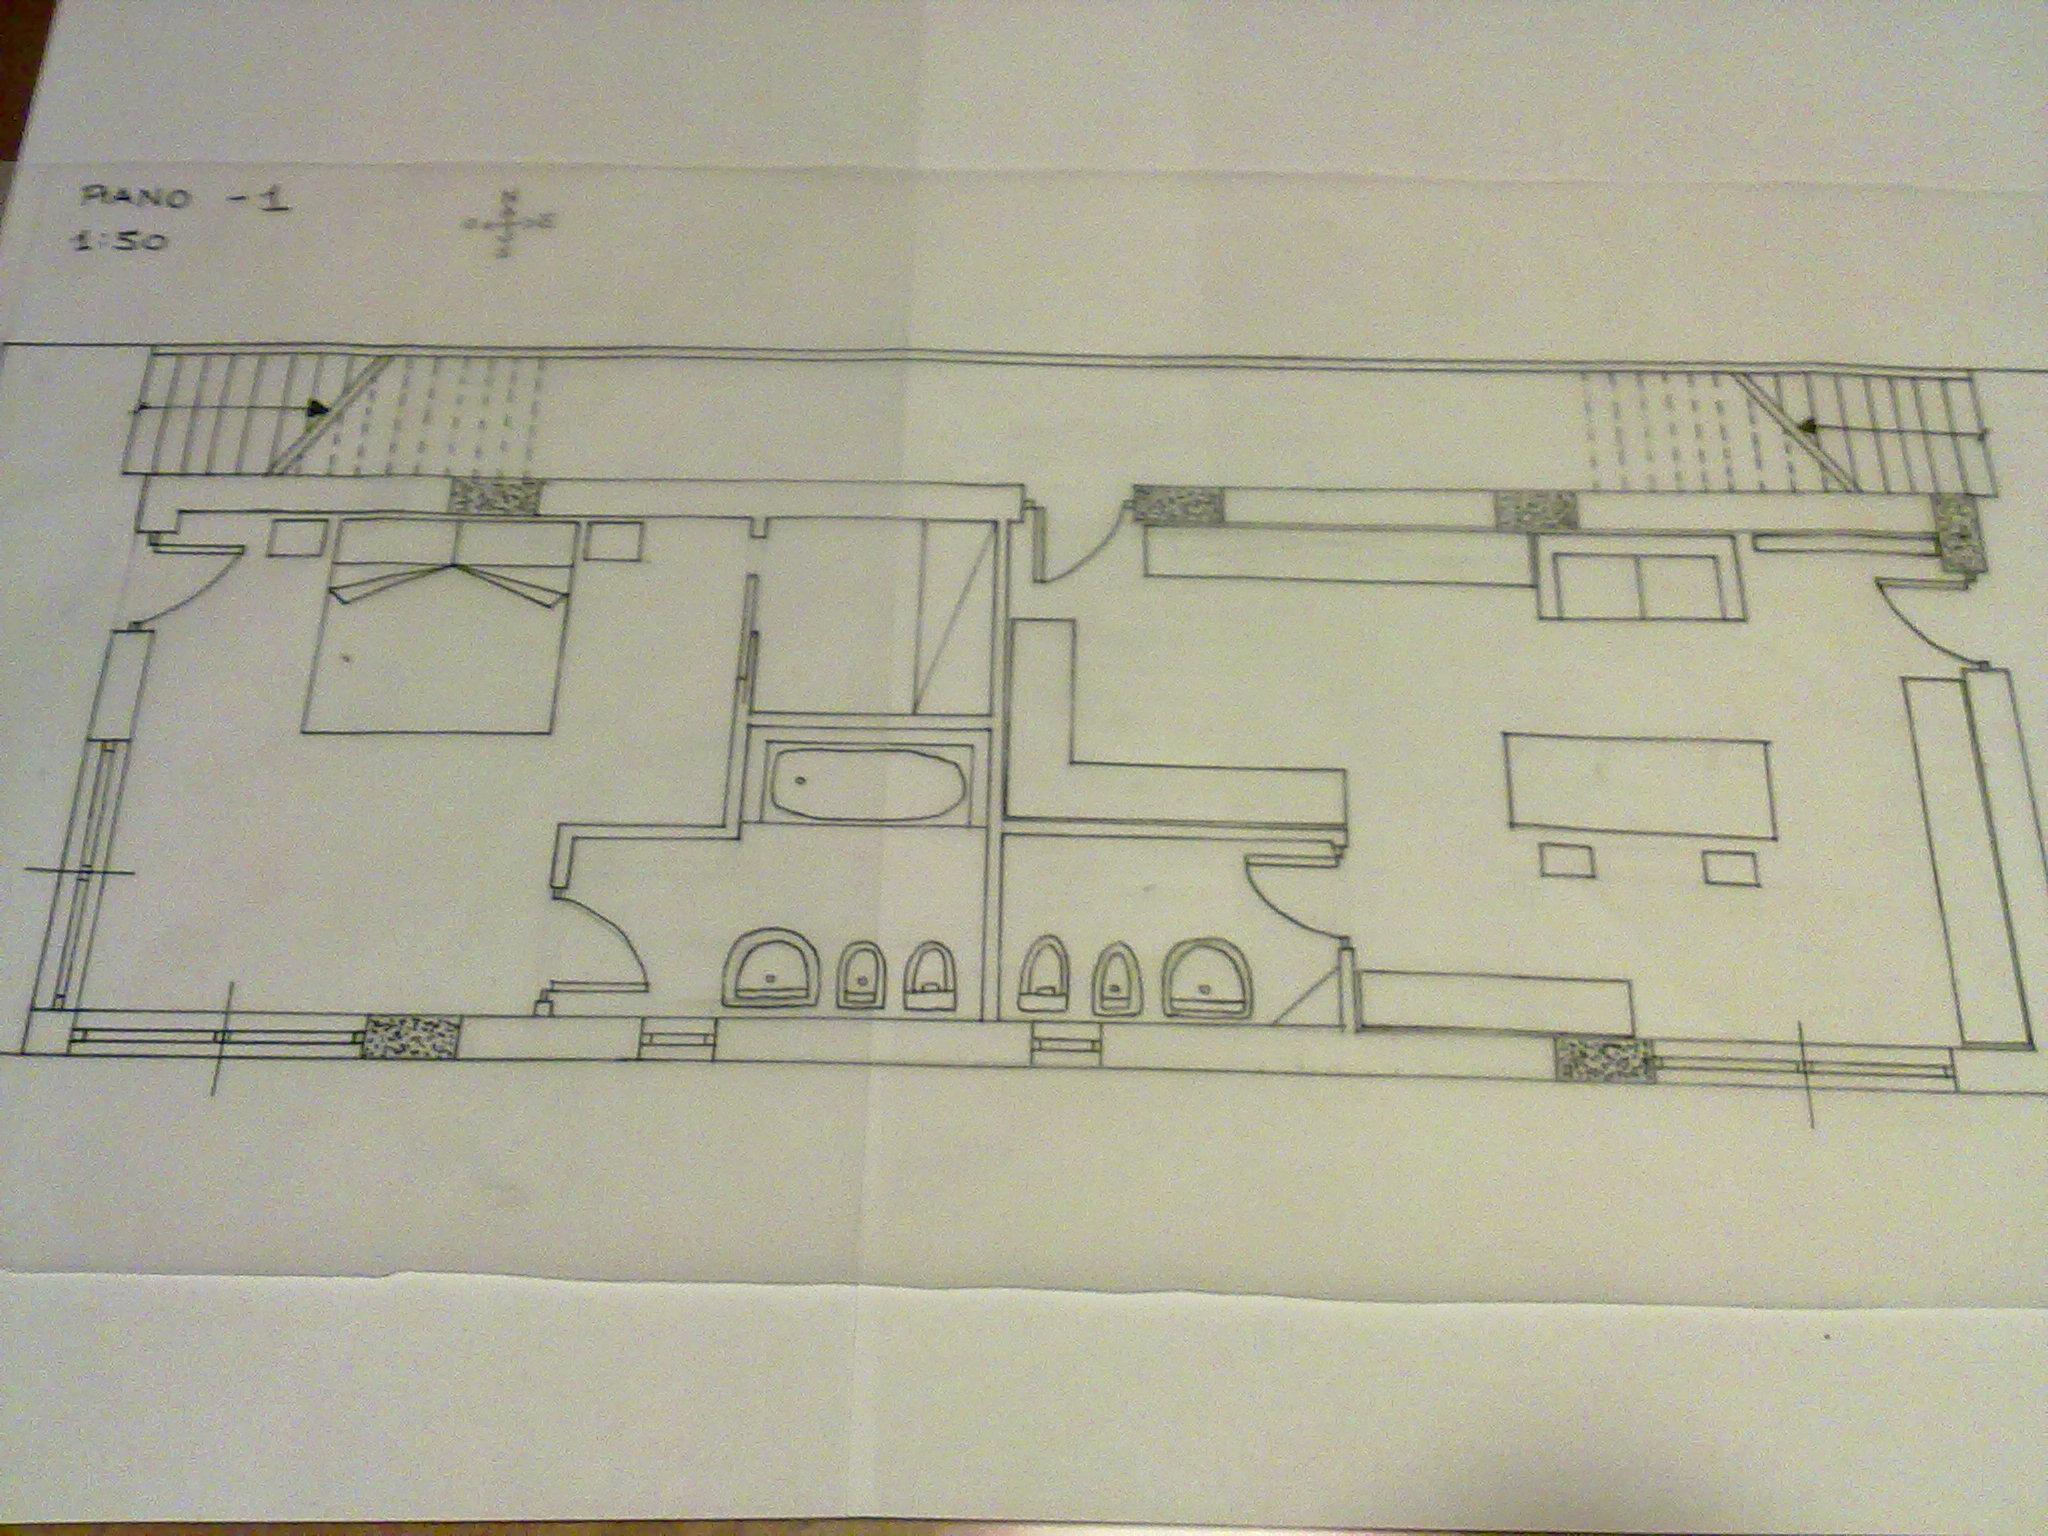 Progetto di laura manili e giulia fasoli laboratorio di progettazione 1b - Finestre in pianta ...